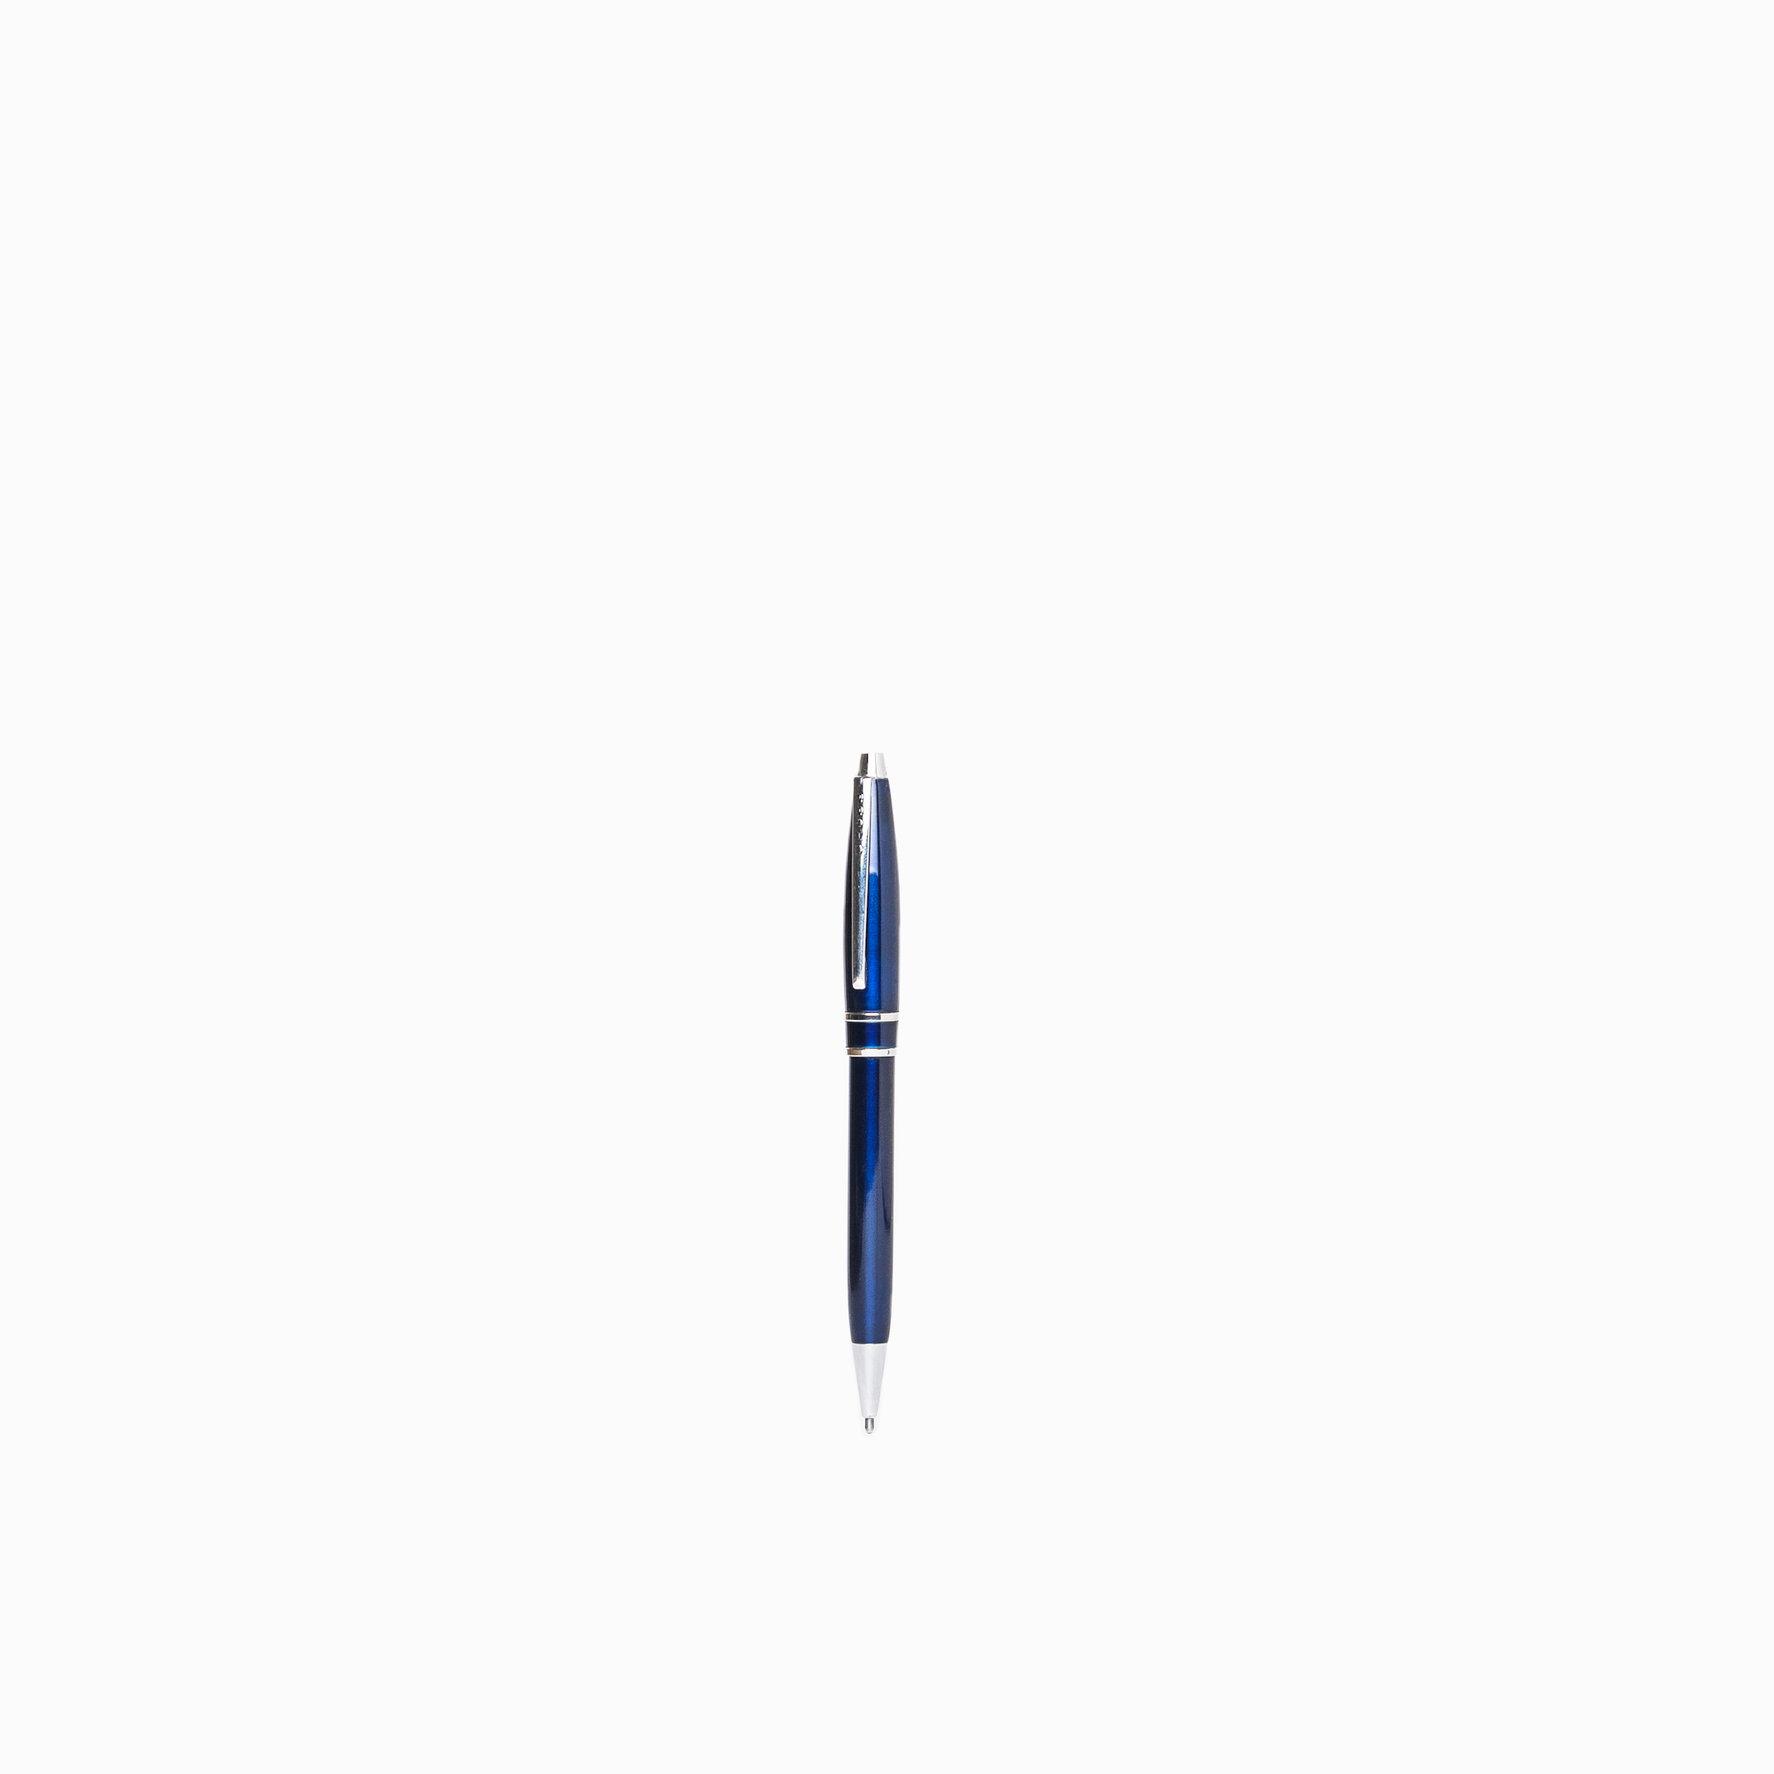 2016-4-Pen.jpg